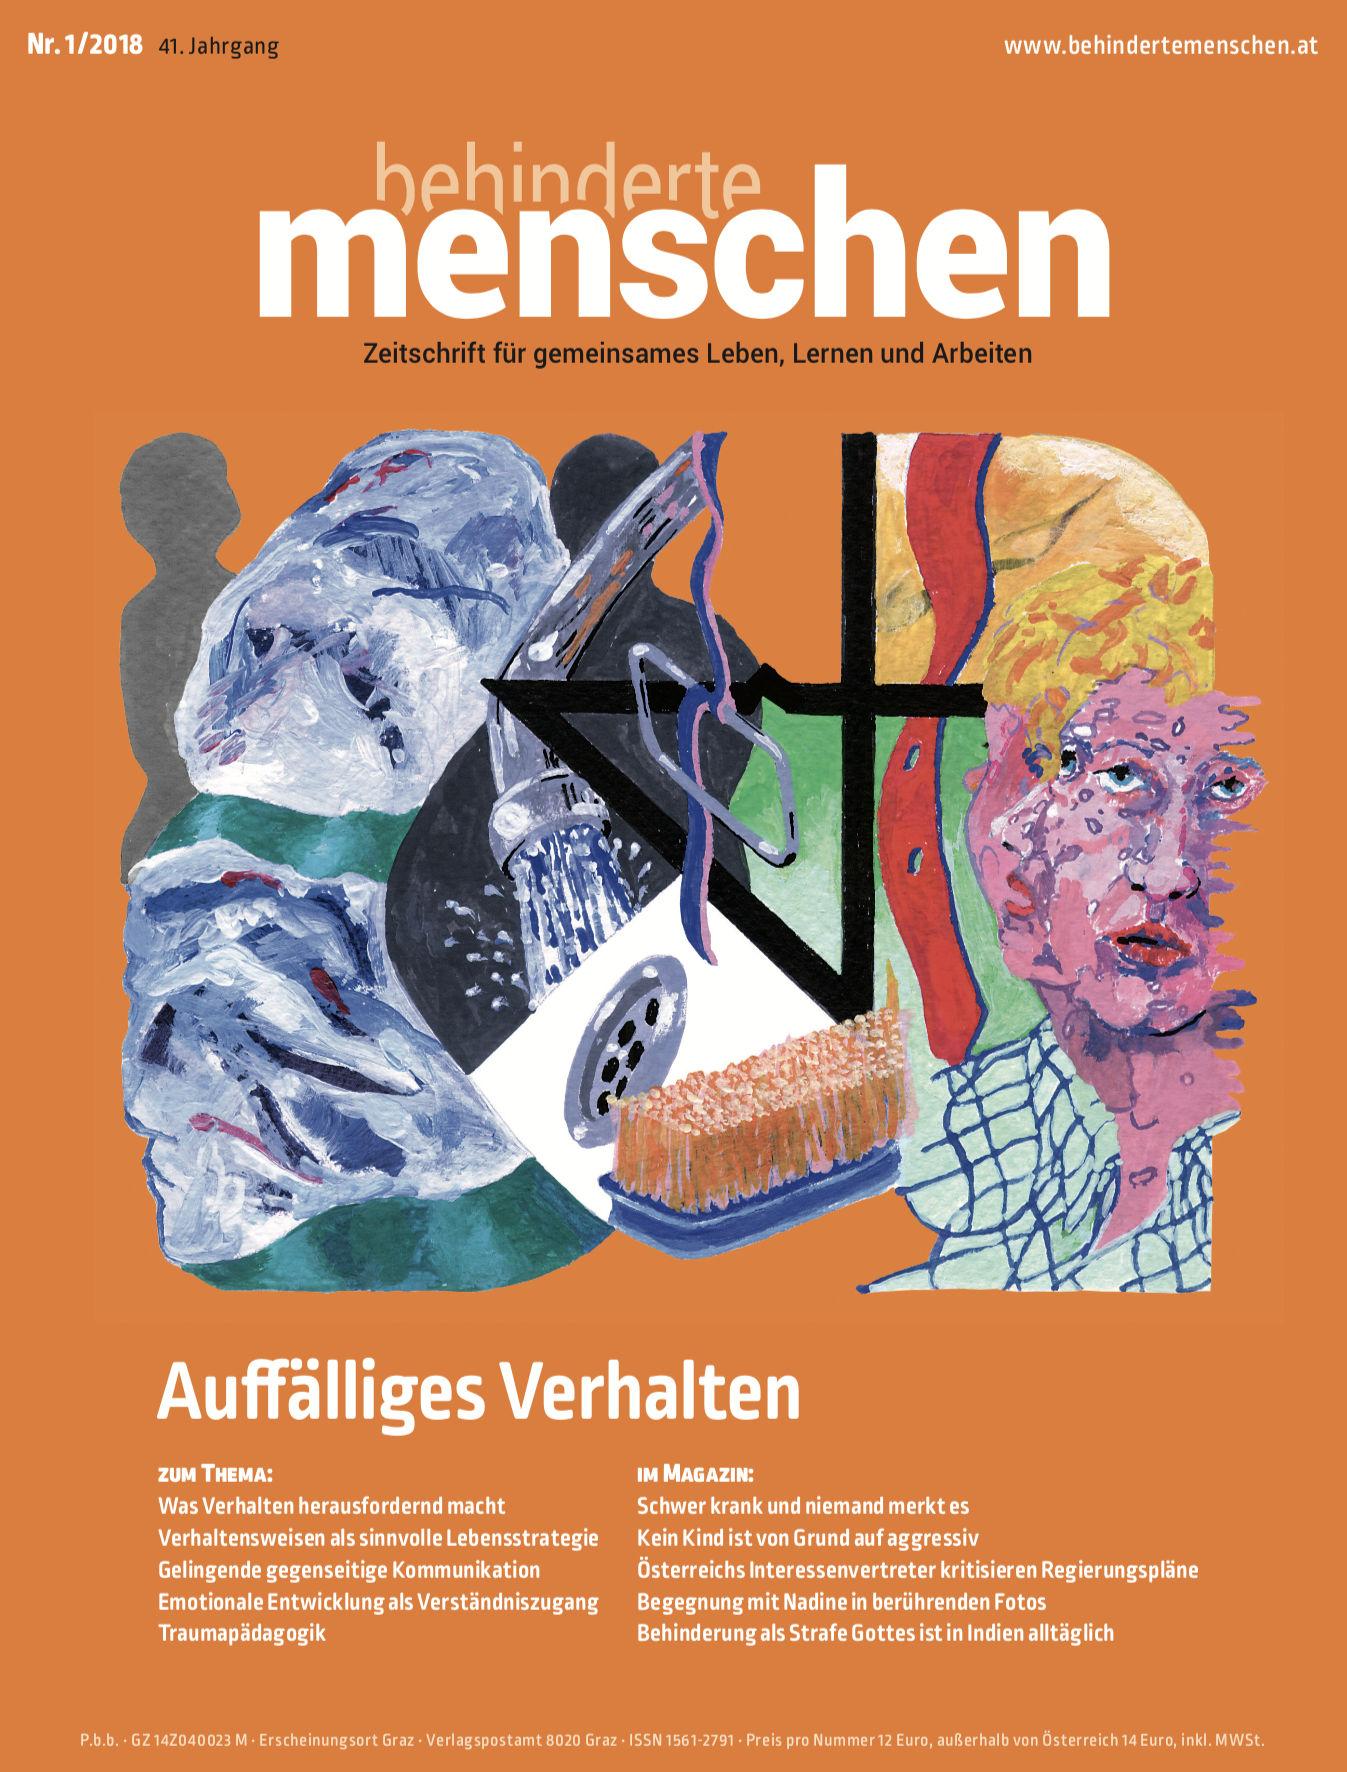 """Titelbild der Zeitschrift BEHINDERTE MENSCHEN, Ausgabe 1/2018 """"Auffälliges Verhalten"""""""